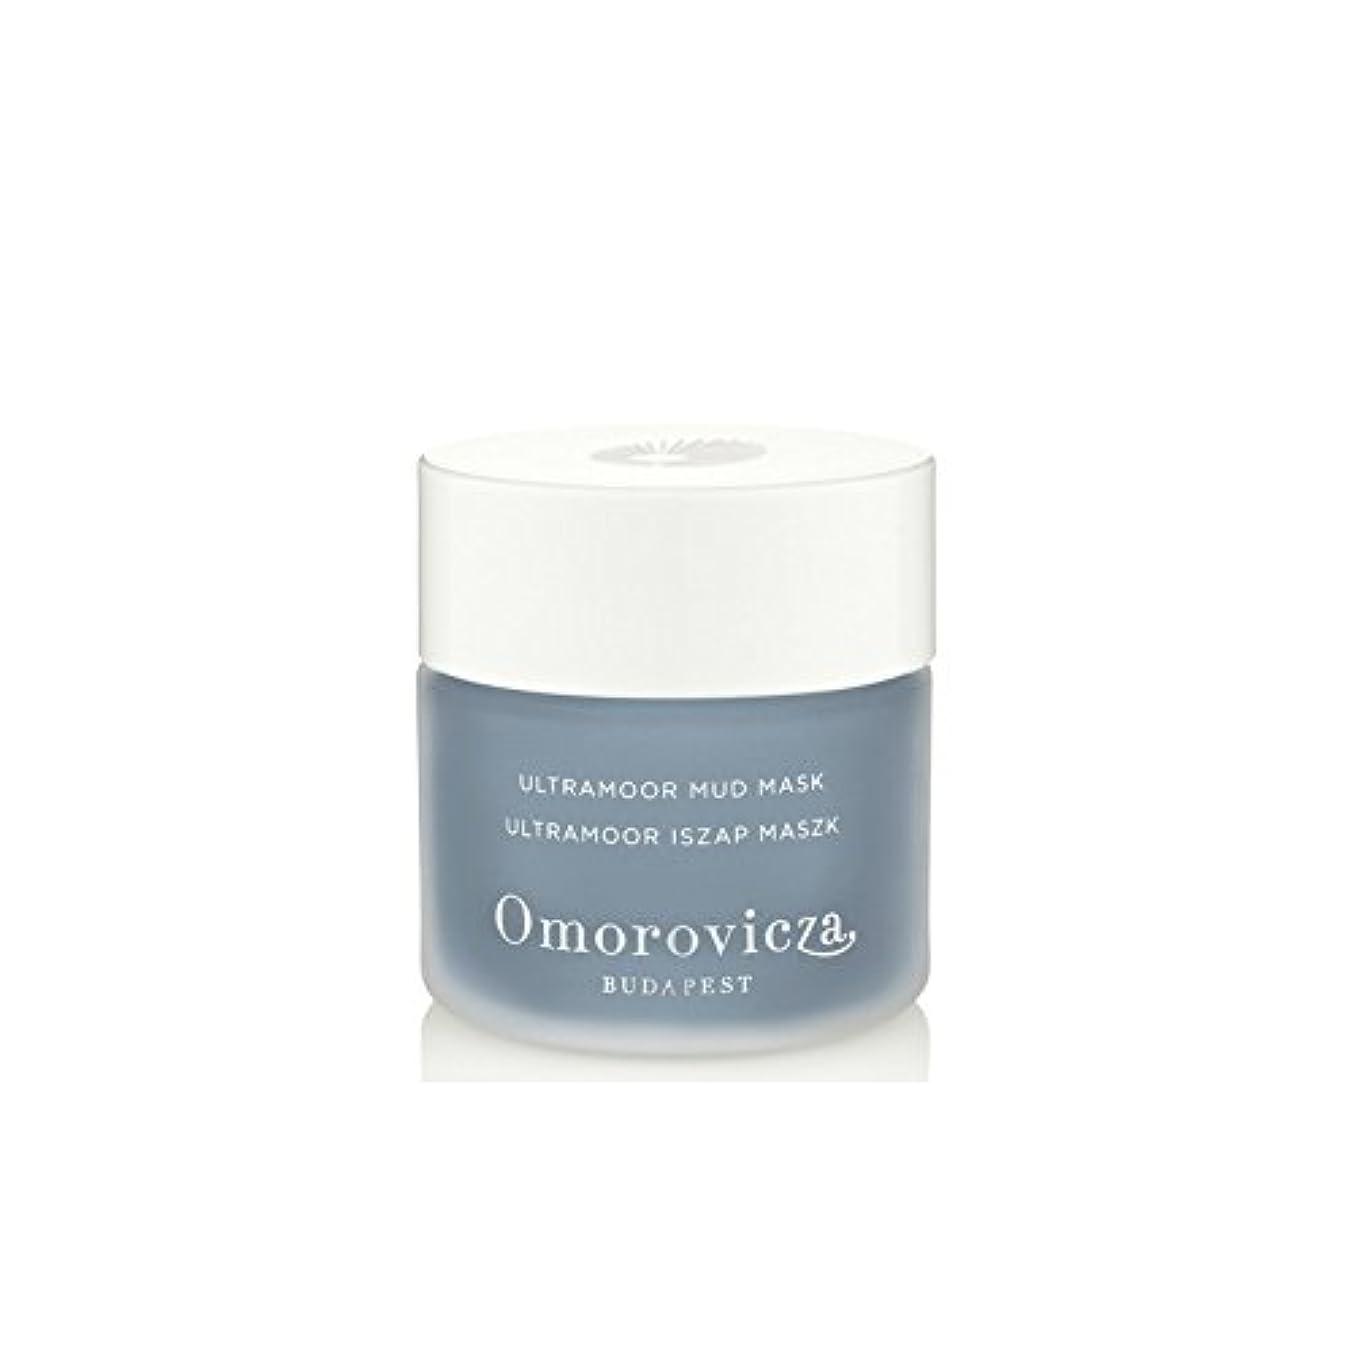 修理可能不調和着る泥マスク(50ミリリットル) x2 - Omorovicza Ultramoor Mud Mask (50ml) (Pack of 2) [並行輸入品]